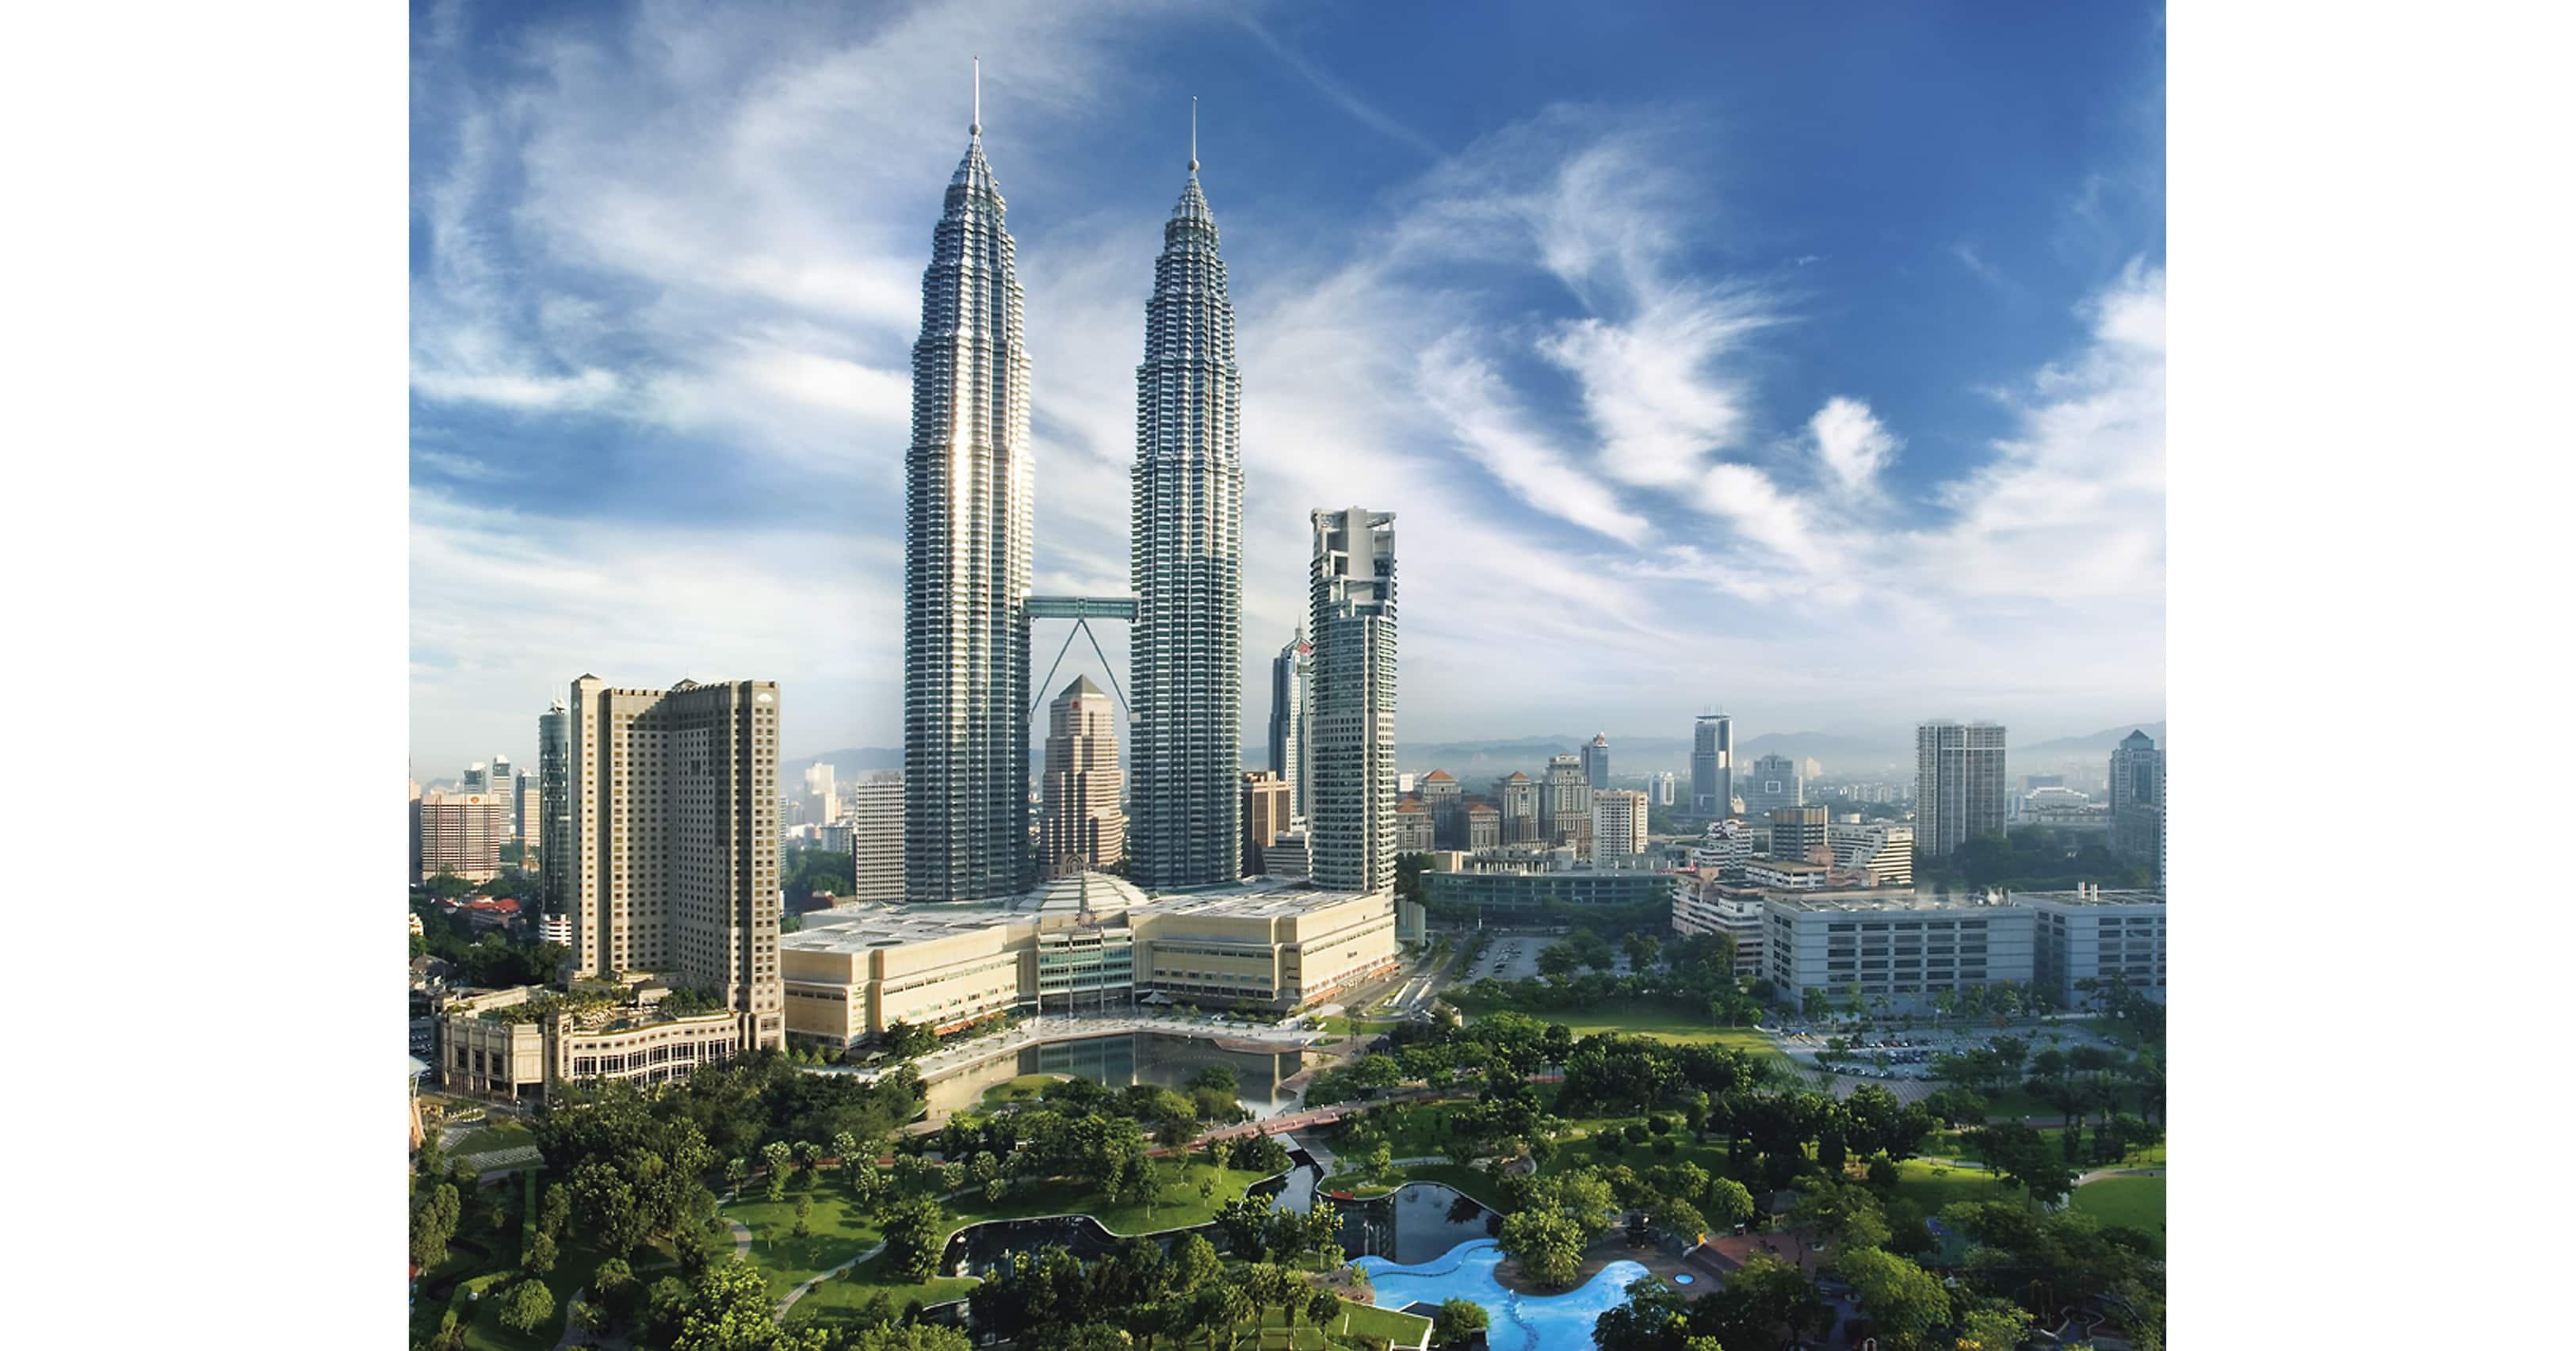 Hotel City Kuala Lumpur